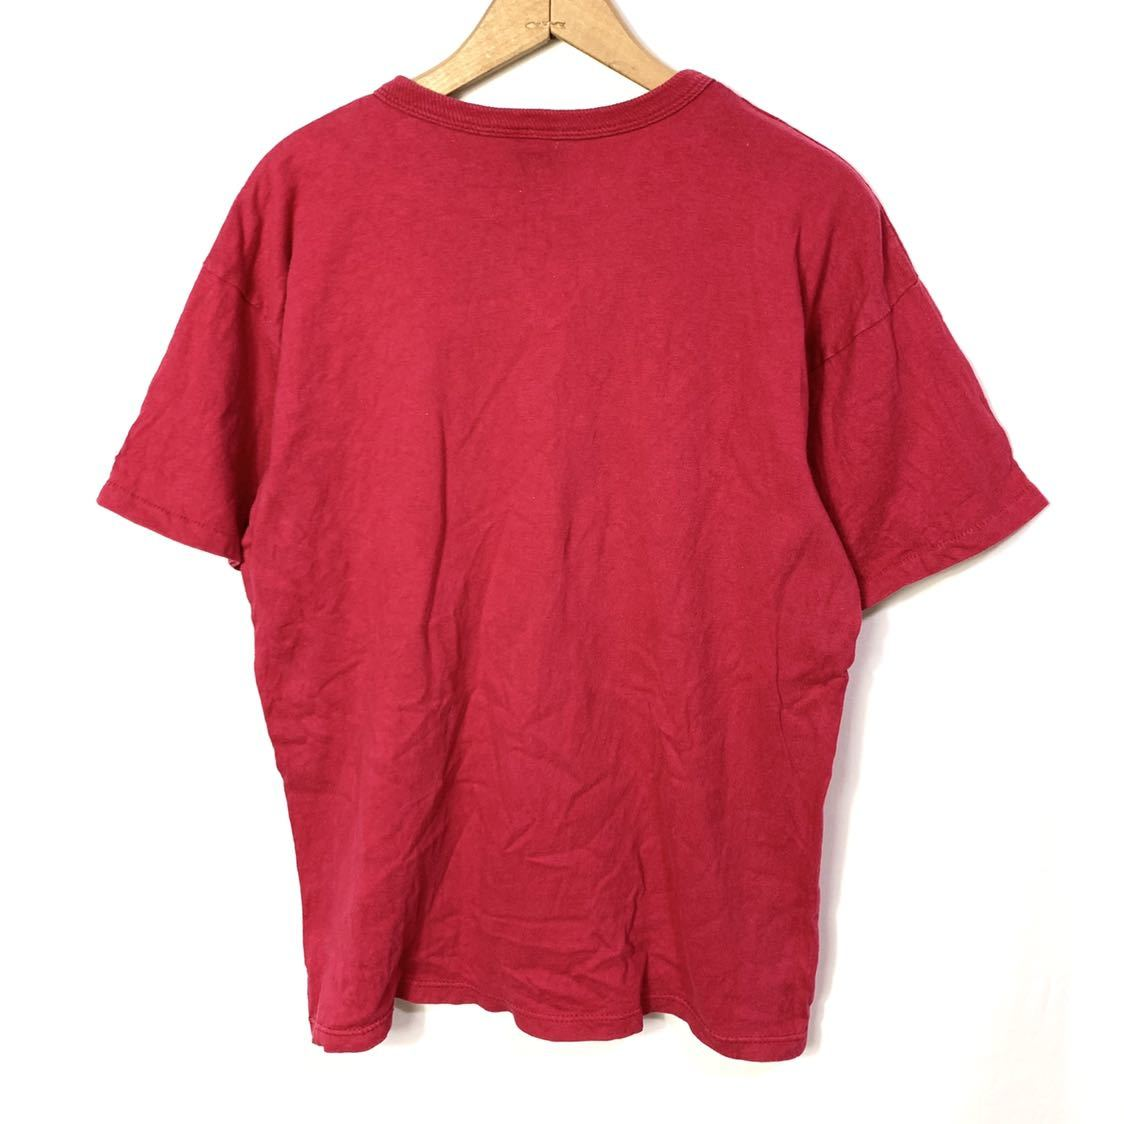 ■ ビンテージ USA製 90s チャンピオン 胸ロゴプリント Tシャツ Lサイズ 赤 コットン100% シングルステッチ champion 青タグ ■_画像7